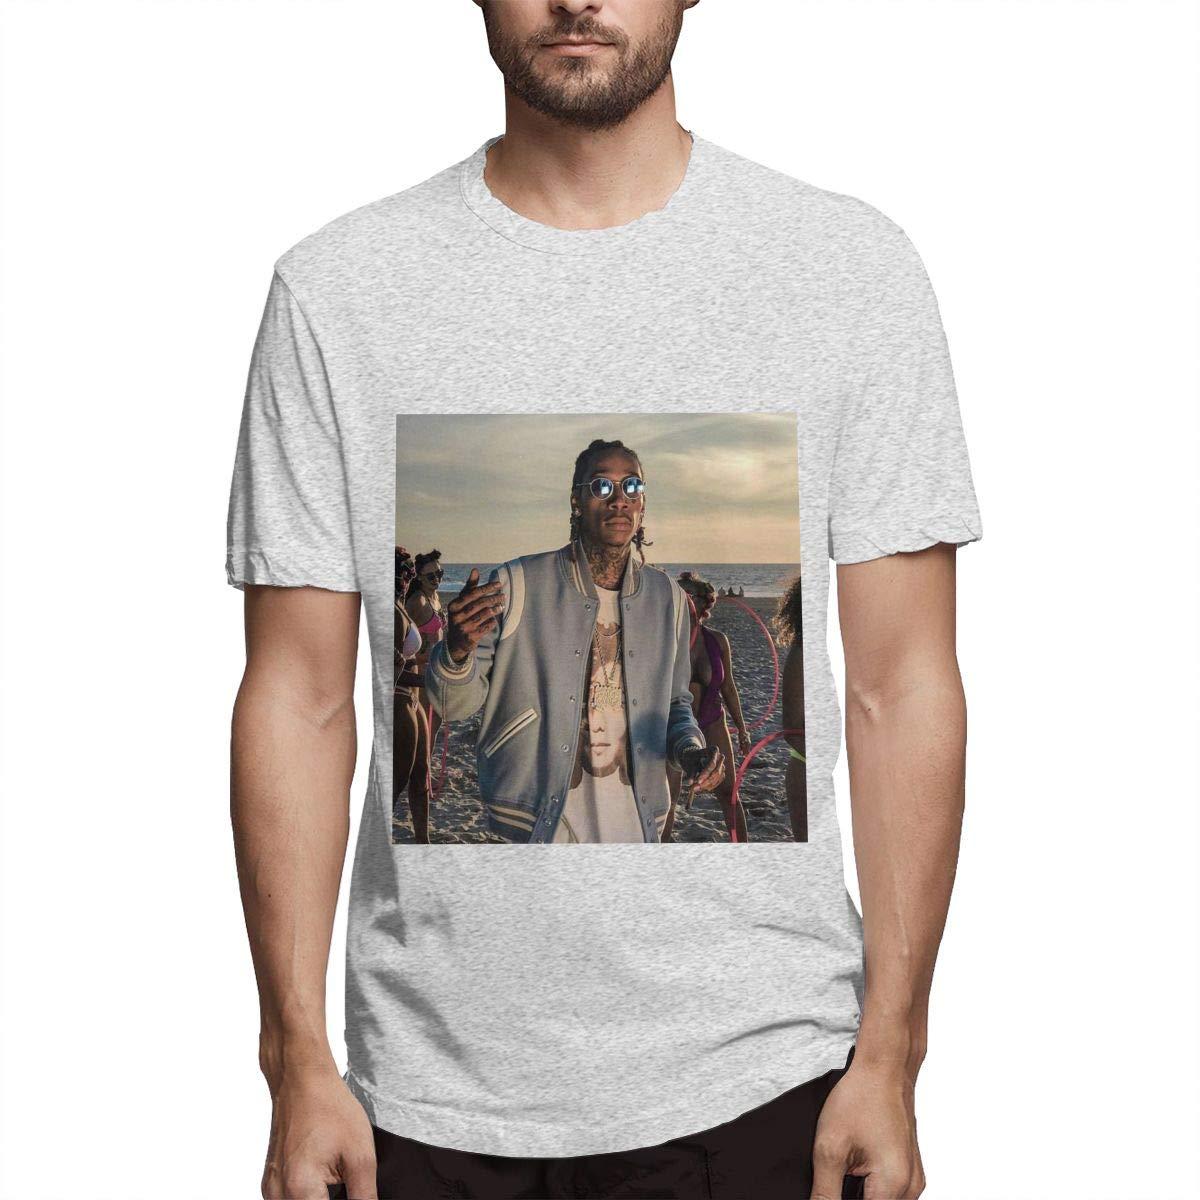 Lihehen Mans Wiz Khalifa Fashion Leisure Round Neck T Shirt